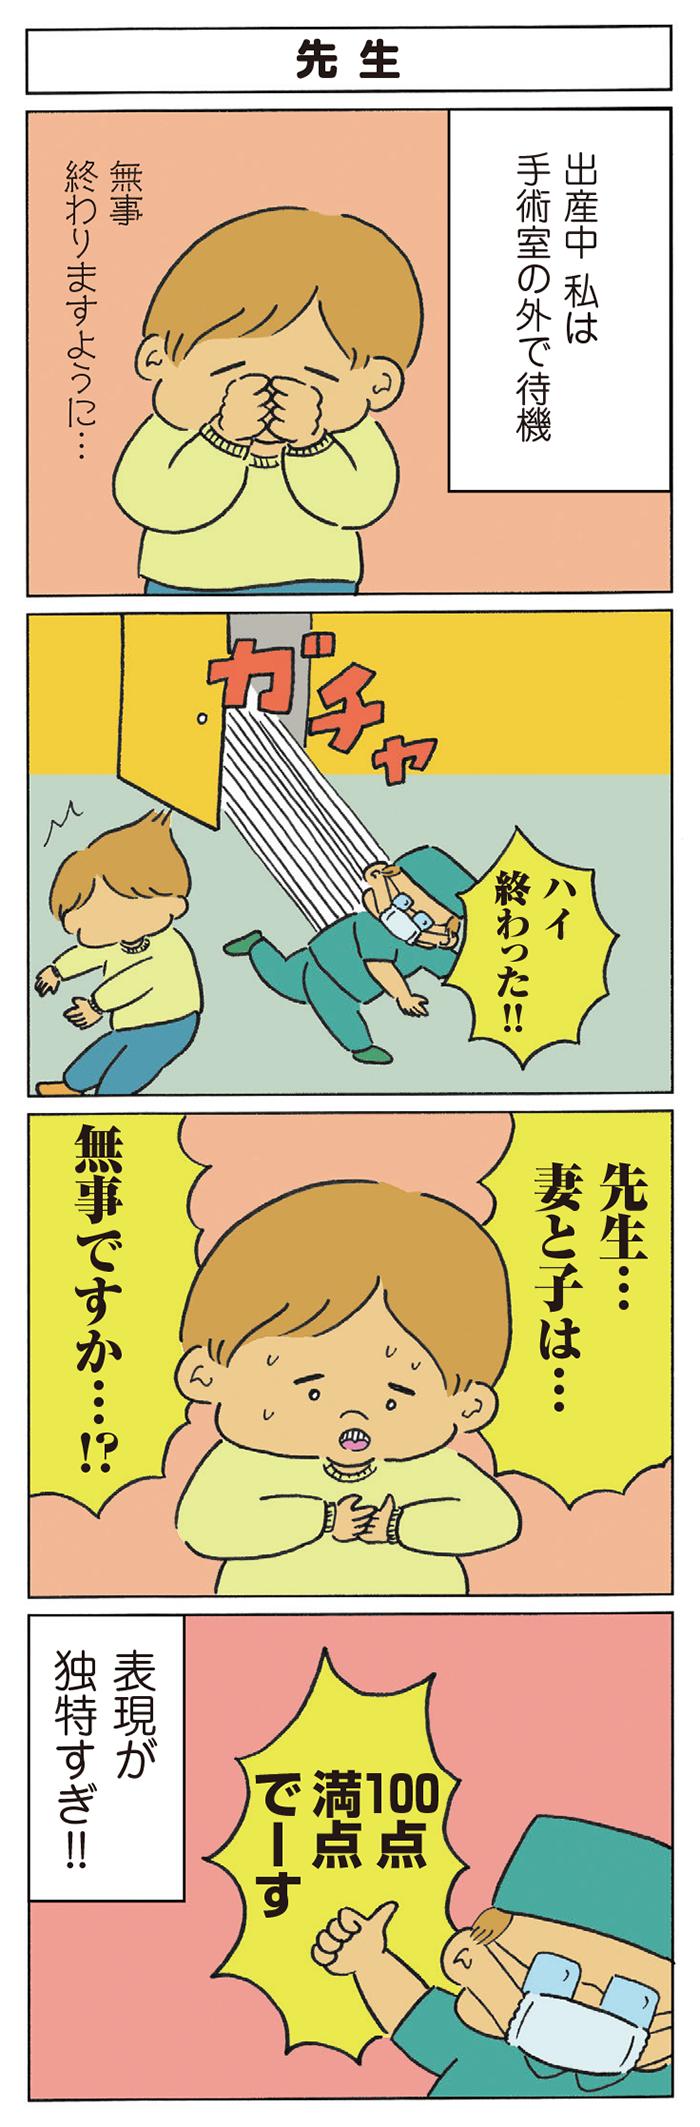 """「そっと置いたのに…!」大人気パパ漫画家さんの描く、""""うちの場合""""に爆笑の嵐!の画像10"""